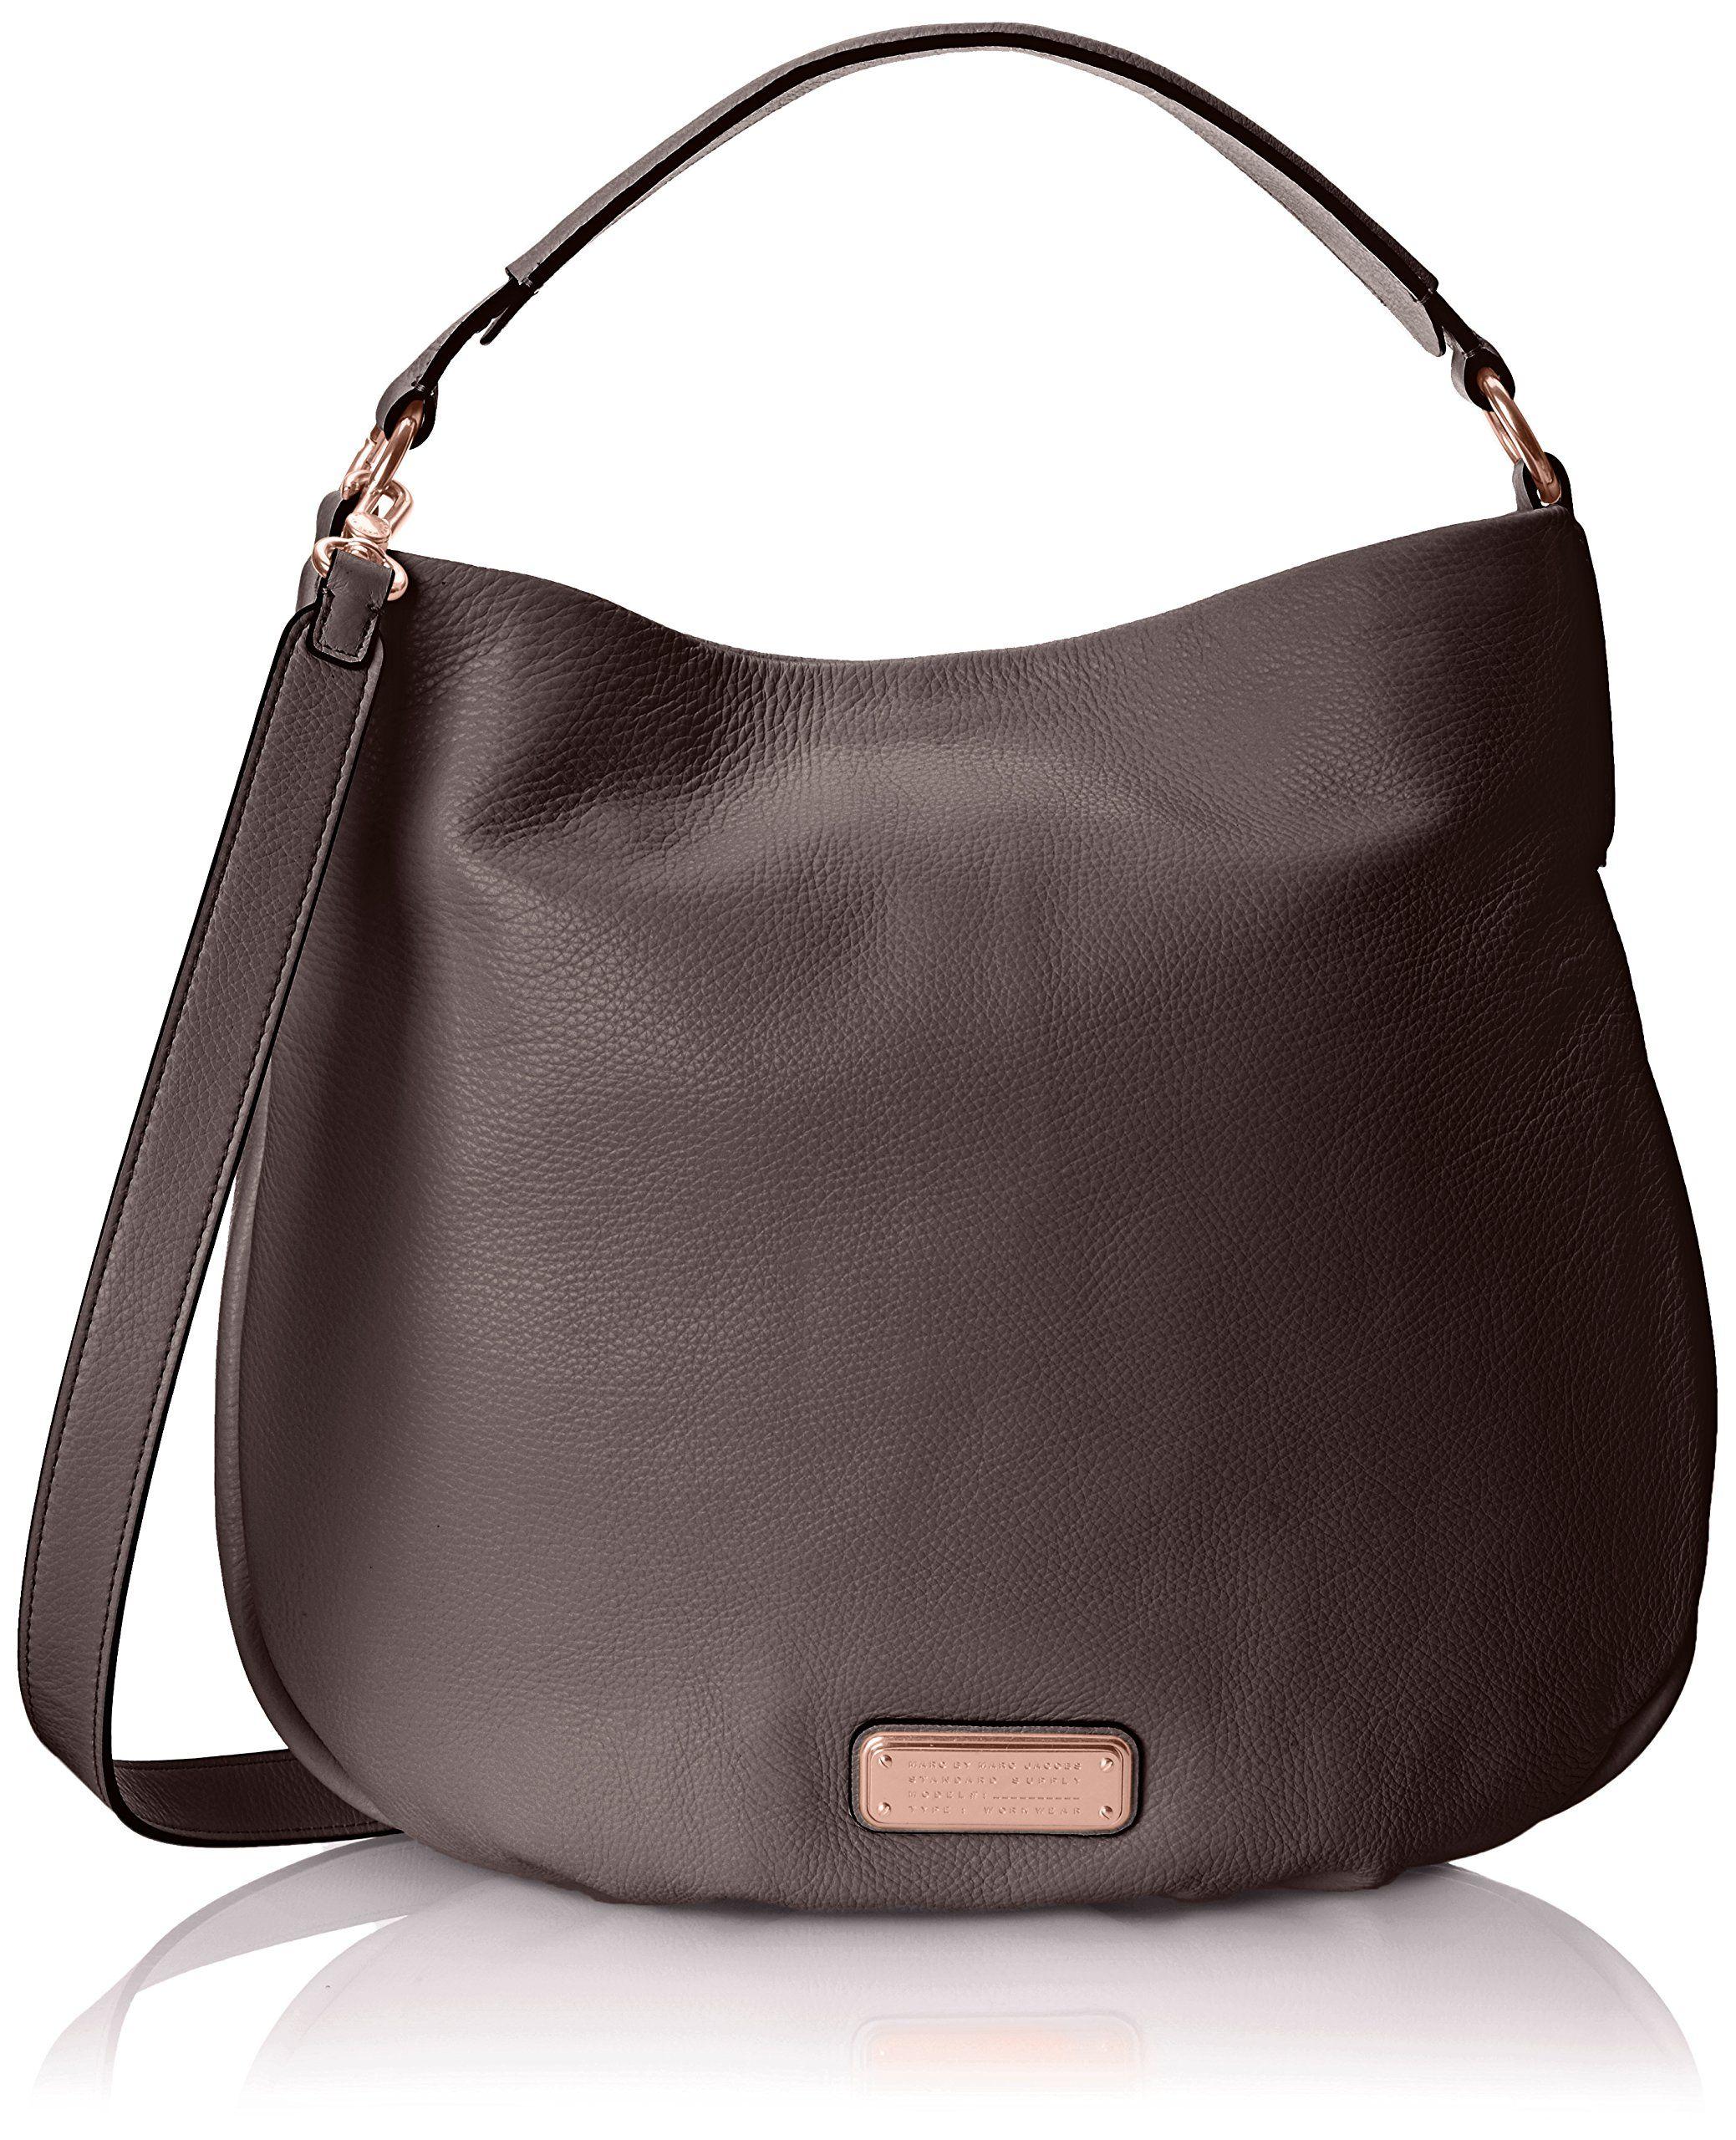 af5eda88af7 Marc by Marc Jacobs New Q Hillier Hobo Bag, Faded Aluminum, One Size ...